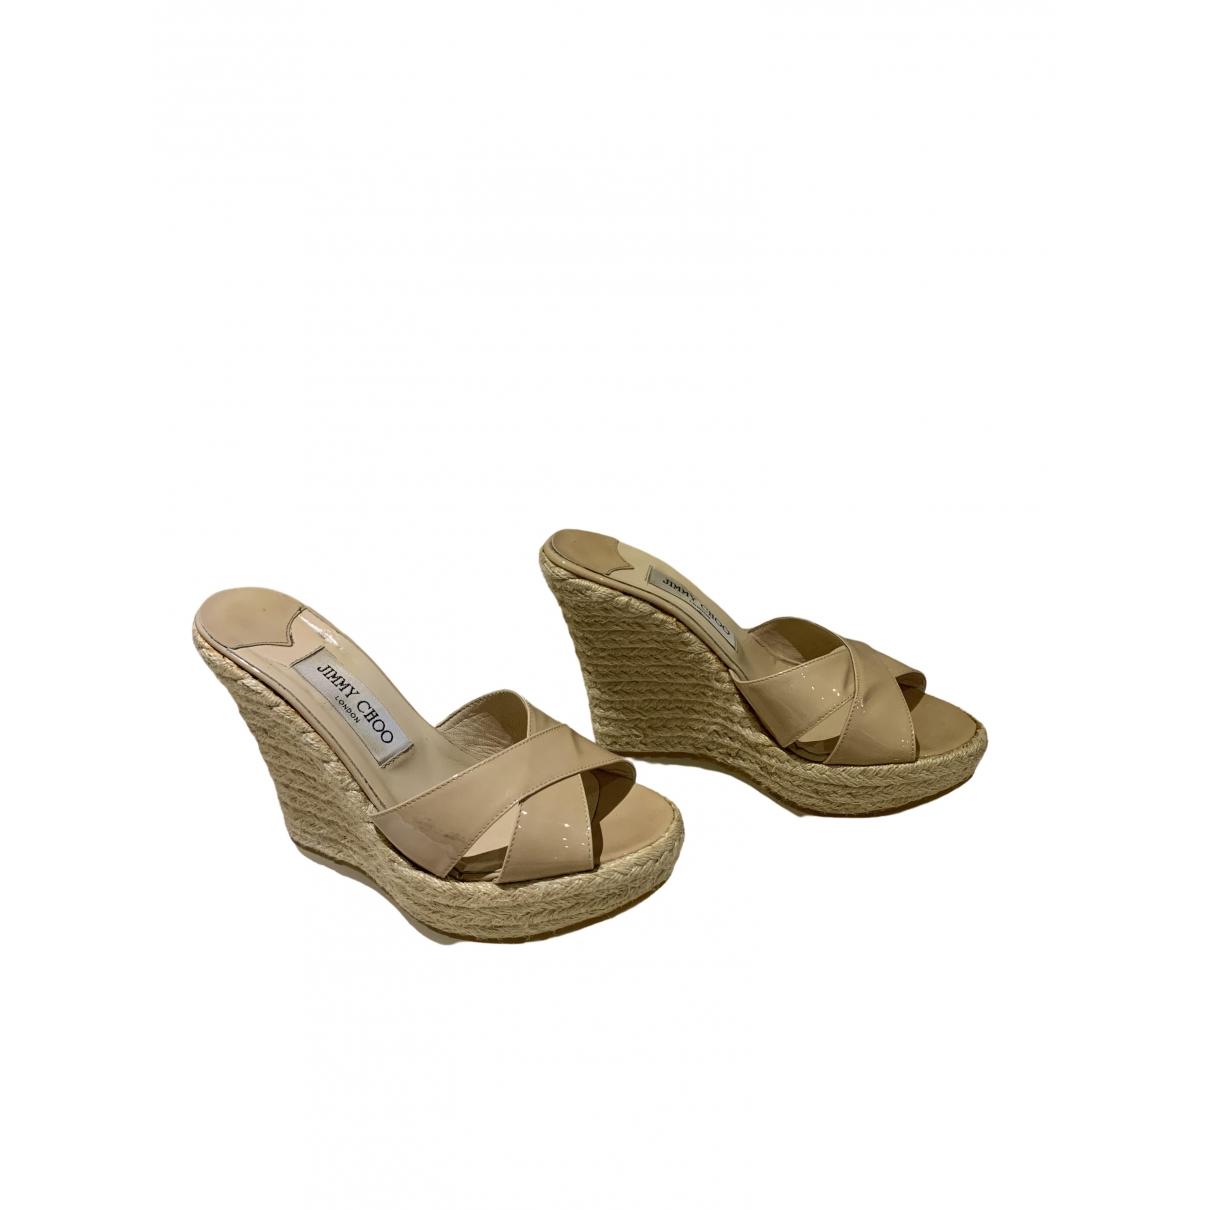 Jimmy Choo \N Beige Patent leather Heels for Women 37.5 EU